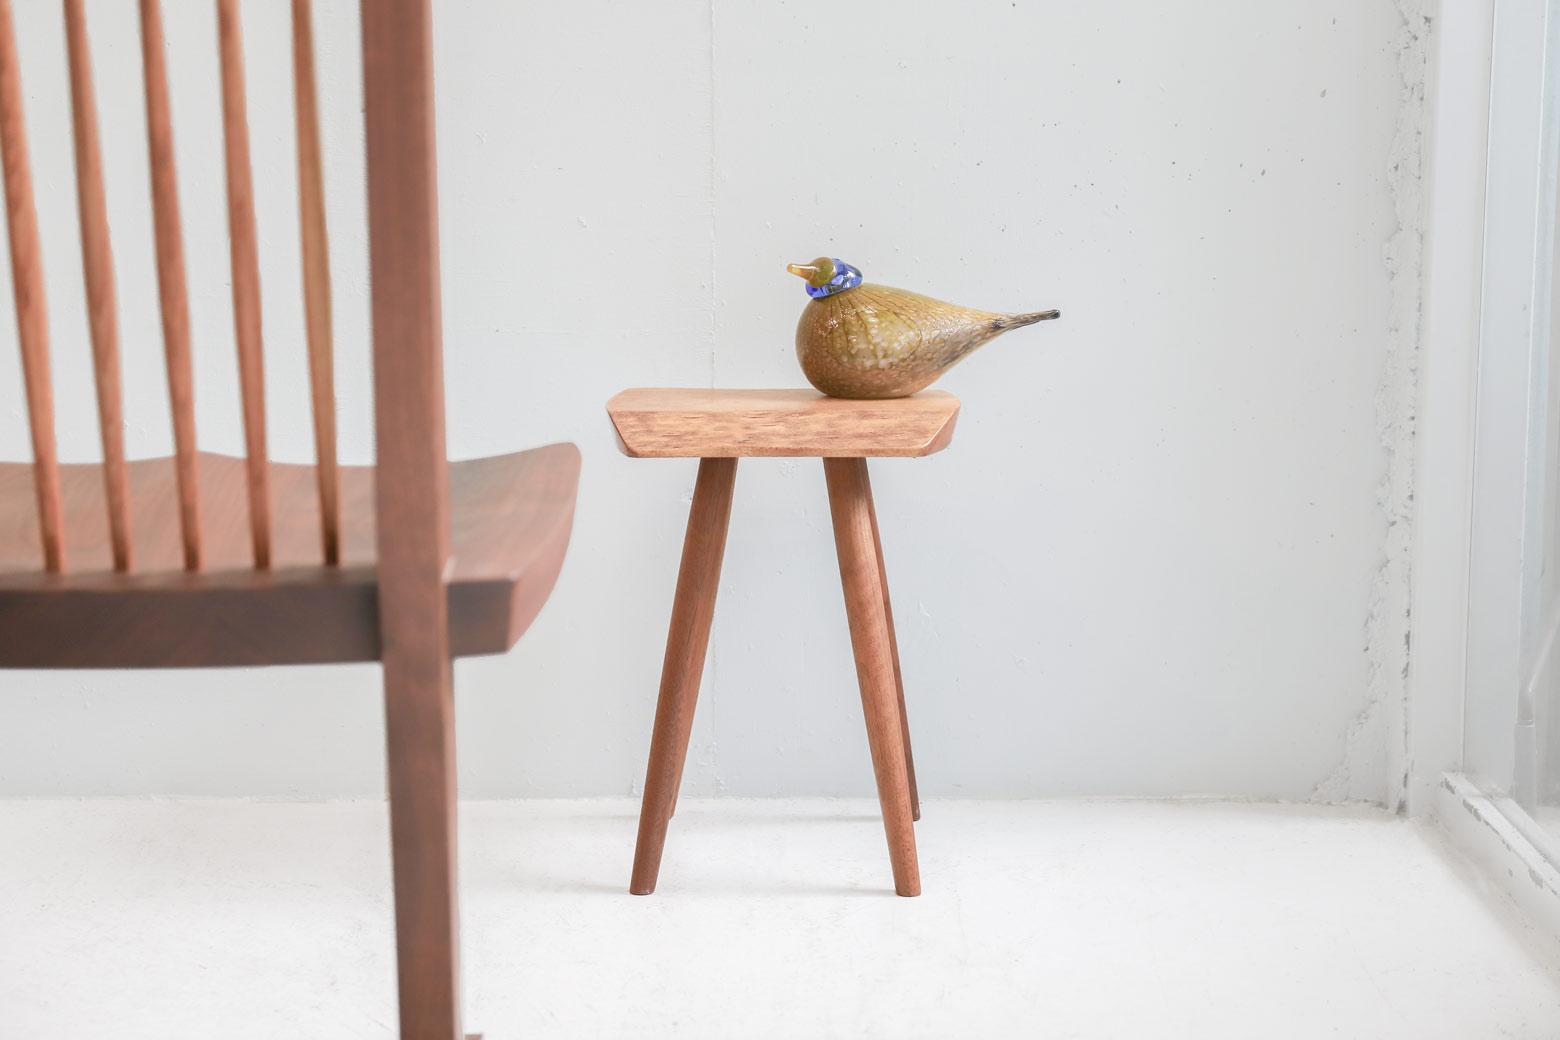 """ジョージ・ナカシマの家具を作れるのは世界中で二カ所のみ。 一つはアメリカペンシルヴェニア州ニューホープのアトリエ、そしてもう一つが香川県に工場を構える桜製作所です。 こちらはその桜製作所製のサイドテーブル。 ジョージ・ナカシマのプランクスツールやウォルテーブルをもとにデザインされたものです。 小さなテーブルながらも、無垢材のあたたかみや力強さが感じられる逸品です。 ソファやチェアのサイドテーブルとして、花瓶やインテリアを飾る小さなテーブルとして。 ぜひ、木の持つ優しさ、生命力を身近に感じてみてください。 細かなスレやキズはございますが、大きなダメージはなく、比較的綺麗な状態です。 ジョージ・ナカシマから""""木""""へのこだわりやスピリットを継承した、桜製作所創業者の永見眞一氏。 木を知り尽くした『木のマエストロ』とも呼ばれています。 90歳を超えても精力的に製作活動を続けた永見氏は2015年に亡くなるまで、生涯現役を貫きました。 ~【東京都杉並区阿佐ヶ谷北アンティークショップ 古一】 古一/ふるいちでは出張無料買取も行っております。杉並区周辺はもちろん、世田谷区・目黒区・武蔵野市・新宿区等の東京近郊のお見積もりも!ビンテージ家具・インテリア雑貨・ランプ・USED品・ リサイクルなら古一/フルイチへ~"""